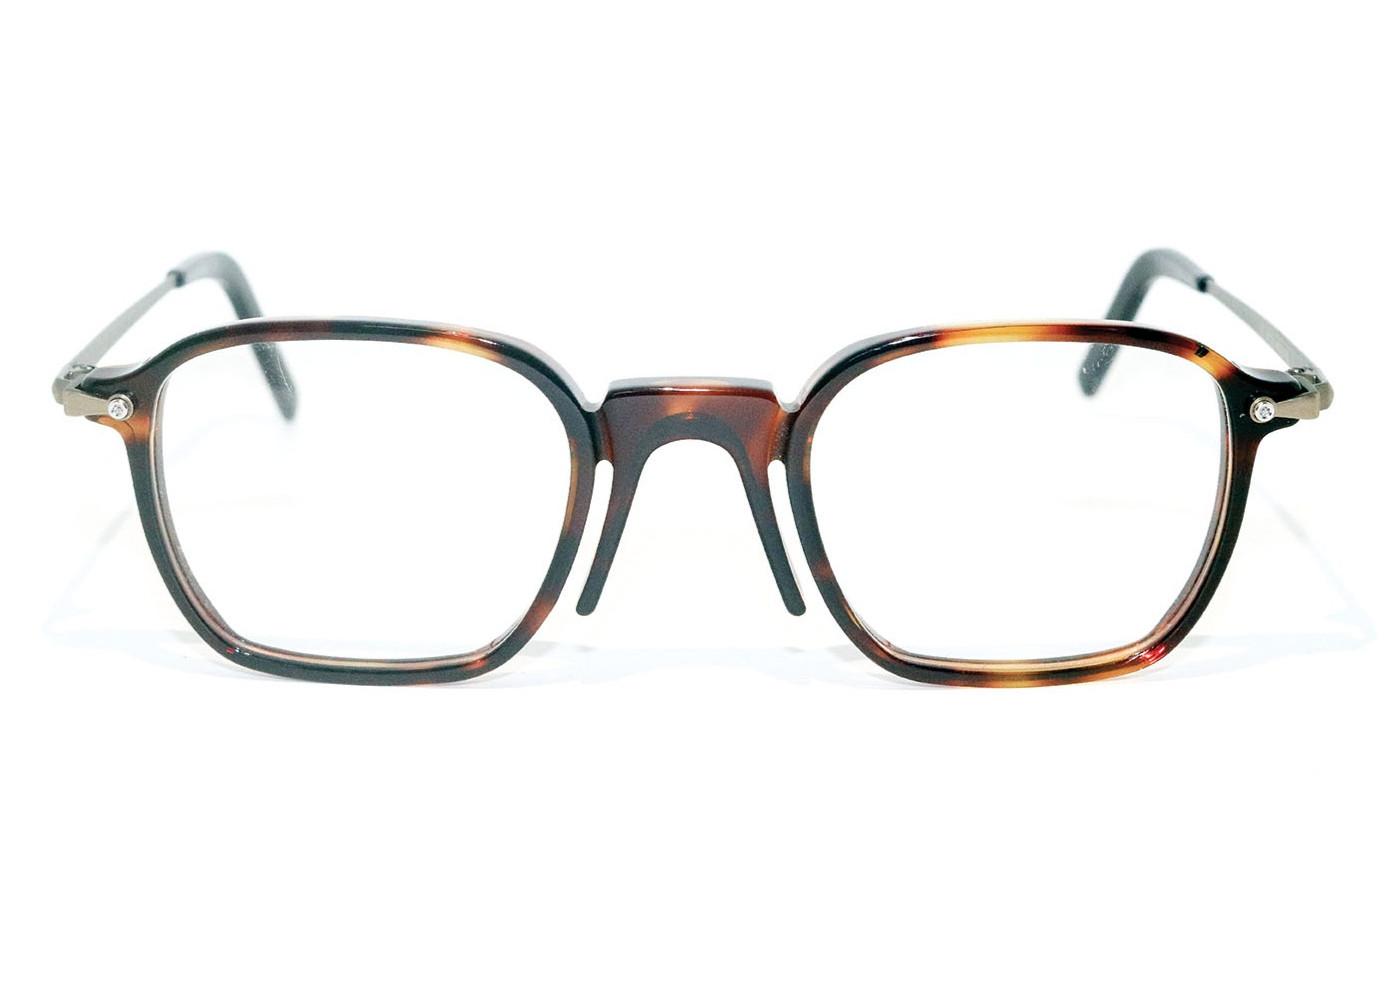 kleys-lunettes-francaises-JP-ecaille-fac